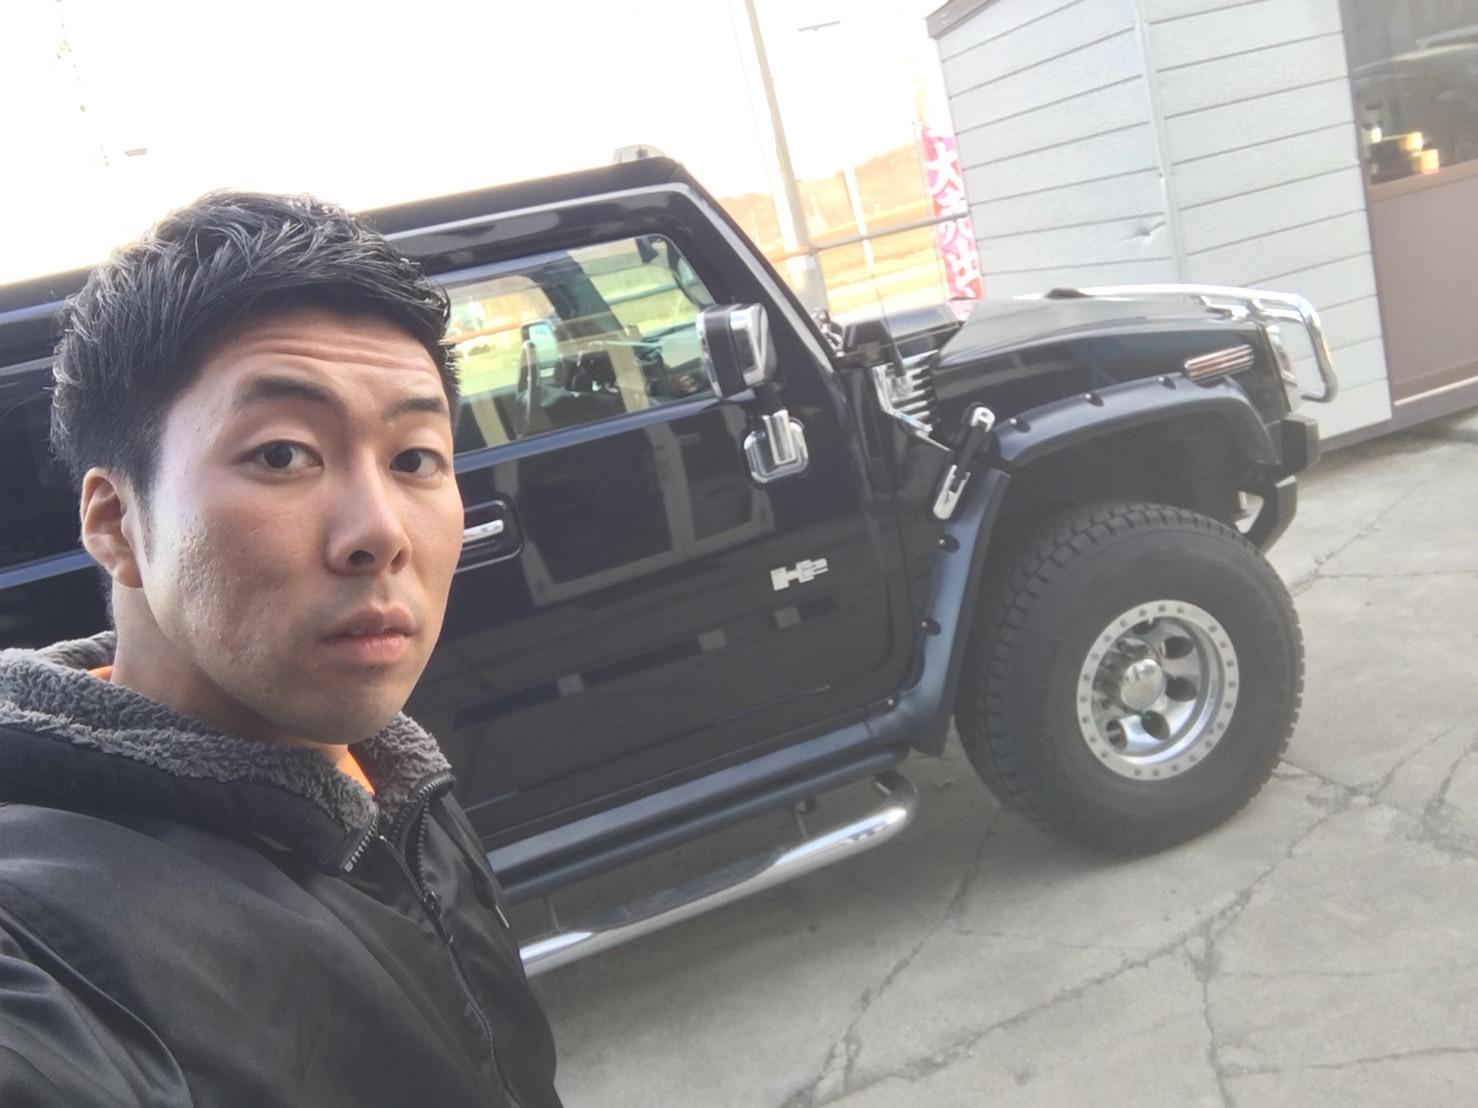 3月30日(金)トミーベース カスタムブログ☆S社様、新車のヴェルファイア到着☆カマロカスタム中☆_b0127002_11473250.jpg